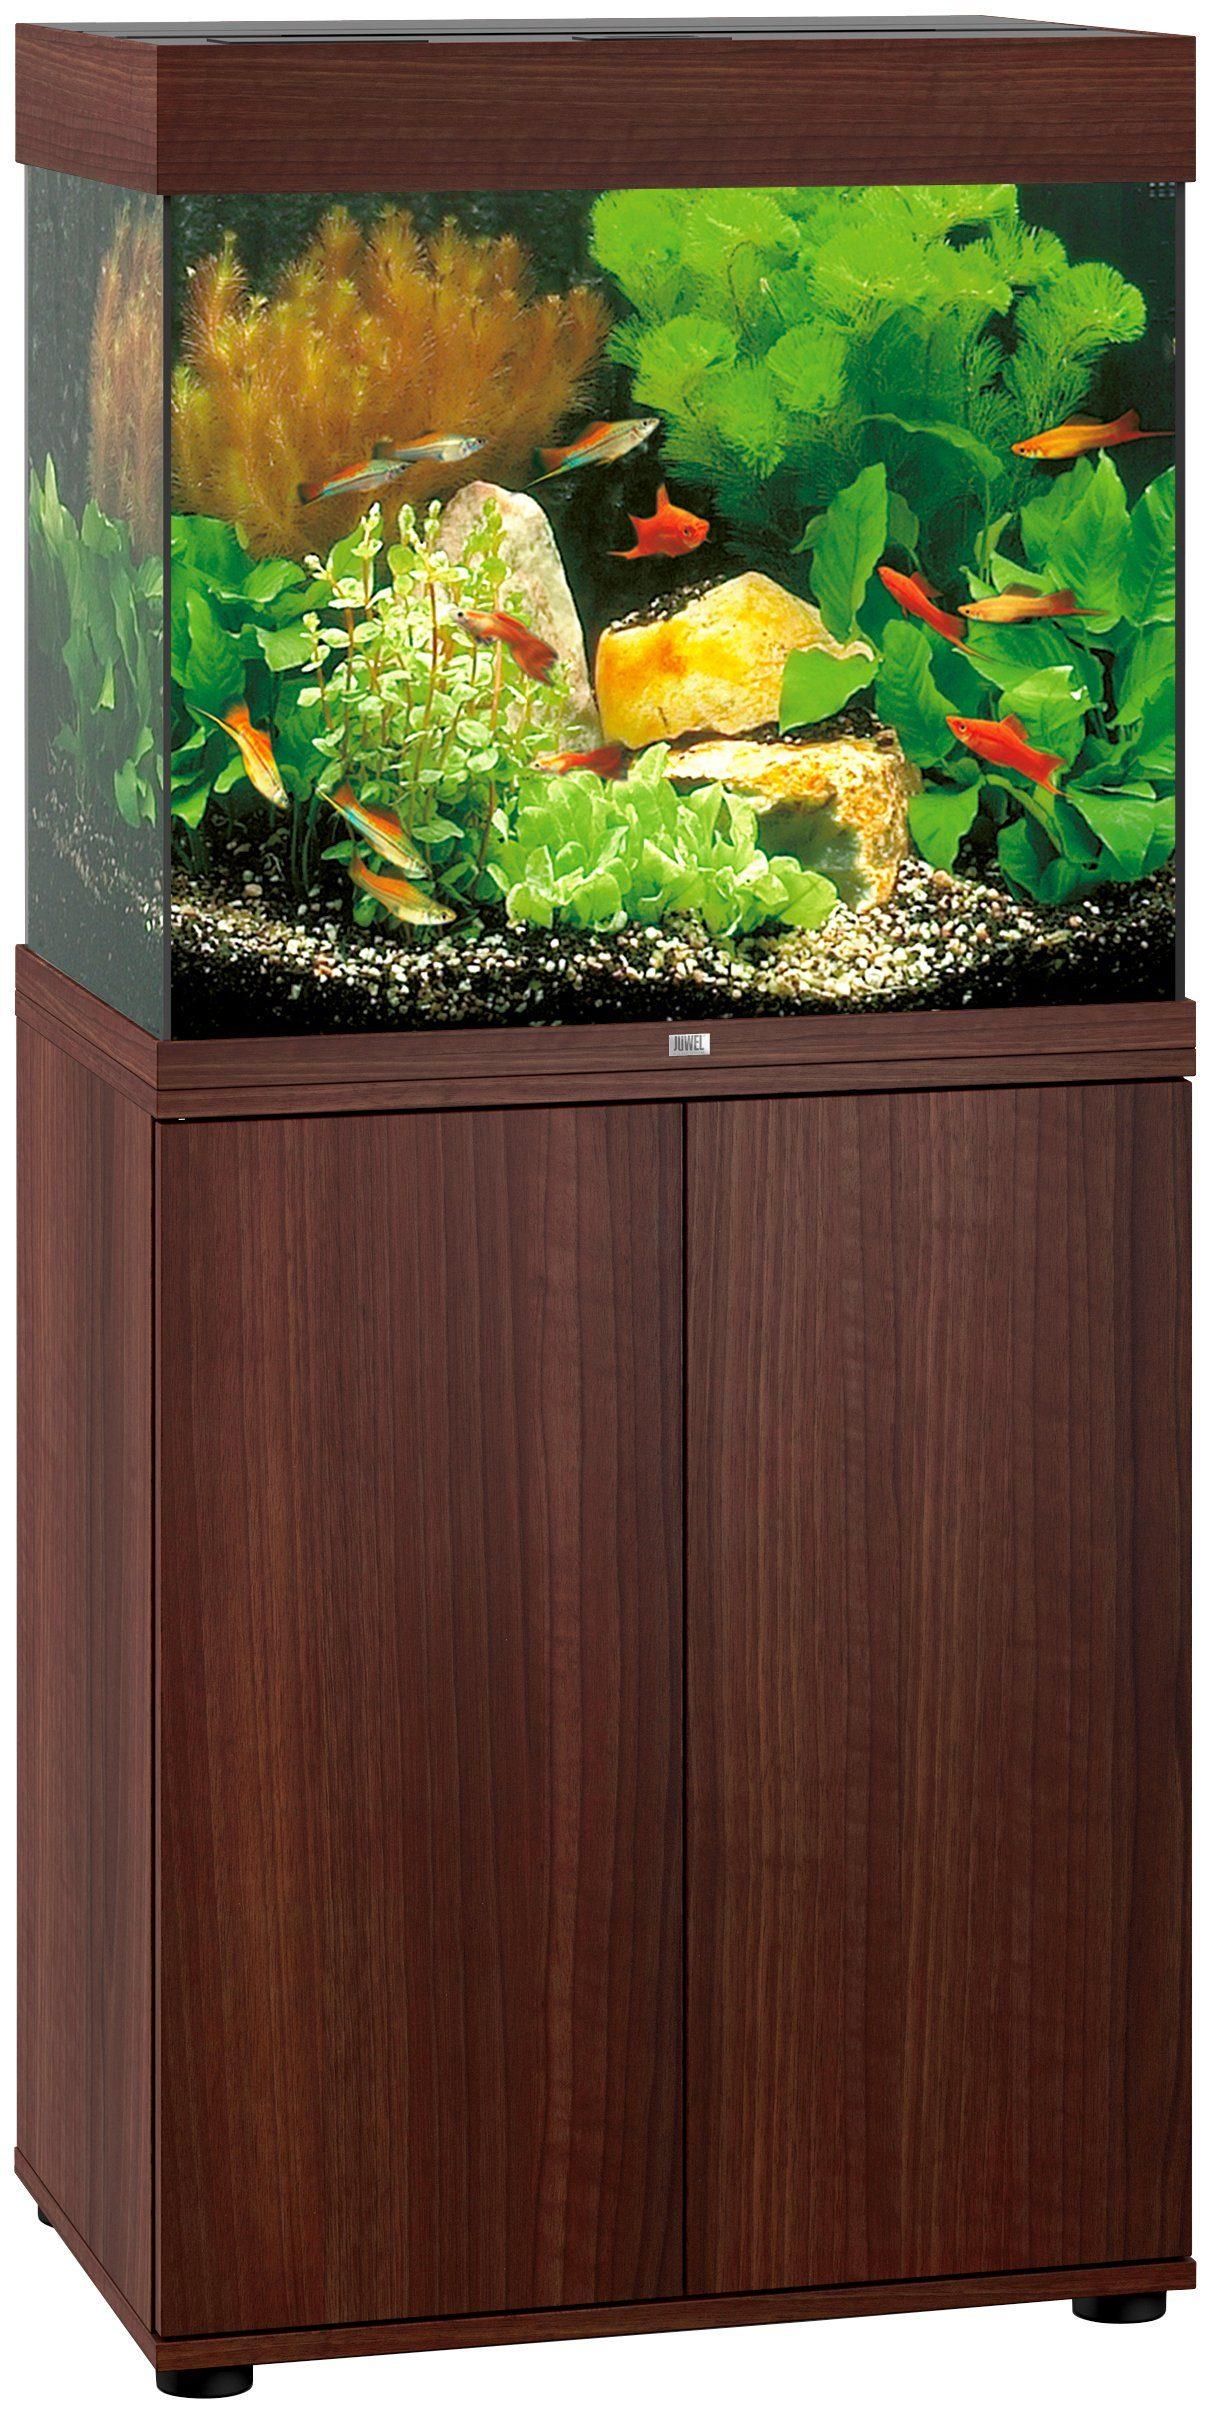 JUWEL AQUARIEN Aquarien-Set »Lido 120 LED«, B/T/H: 61/41/131 cm, 120 l, in 4 Farben